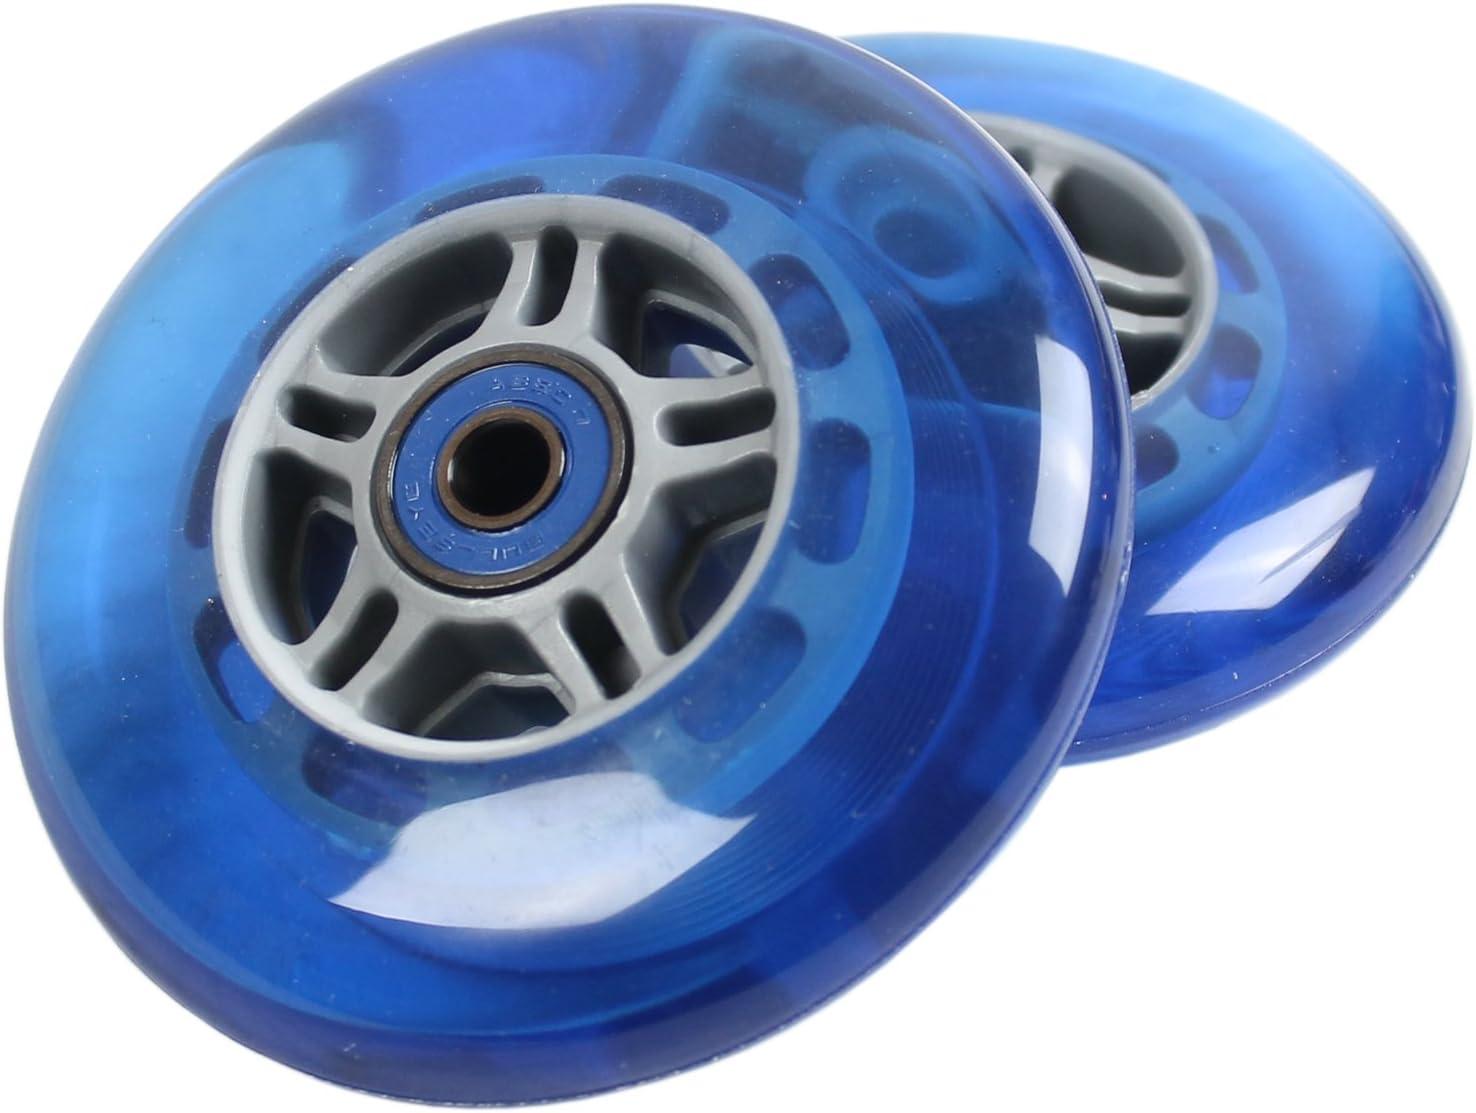 TGM Skateboards 2 Scooter Wheels